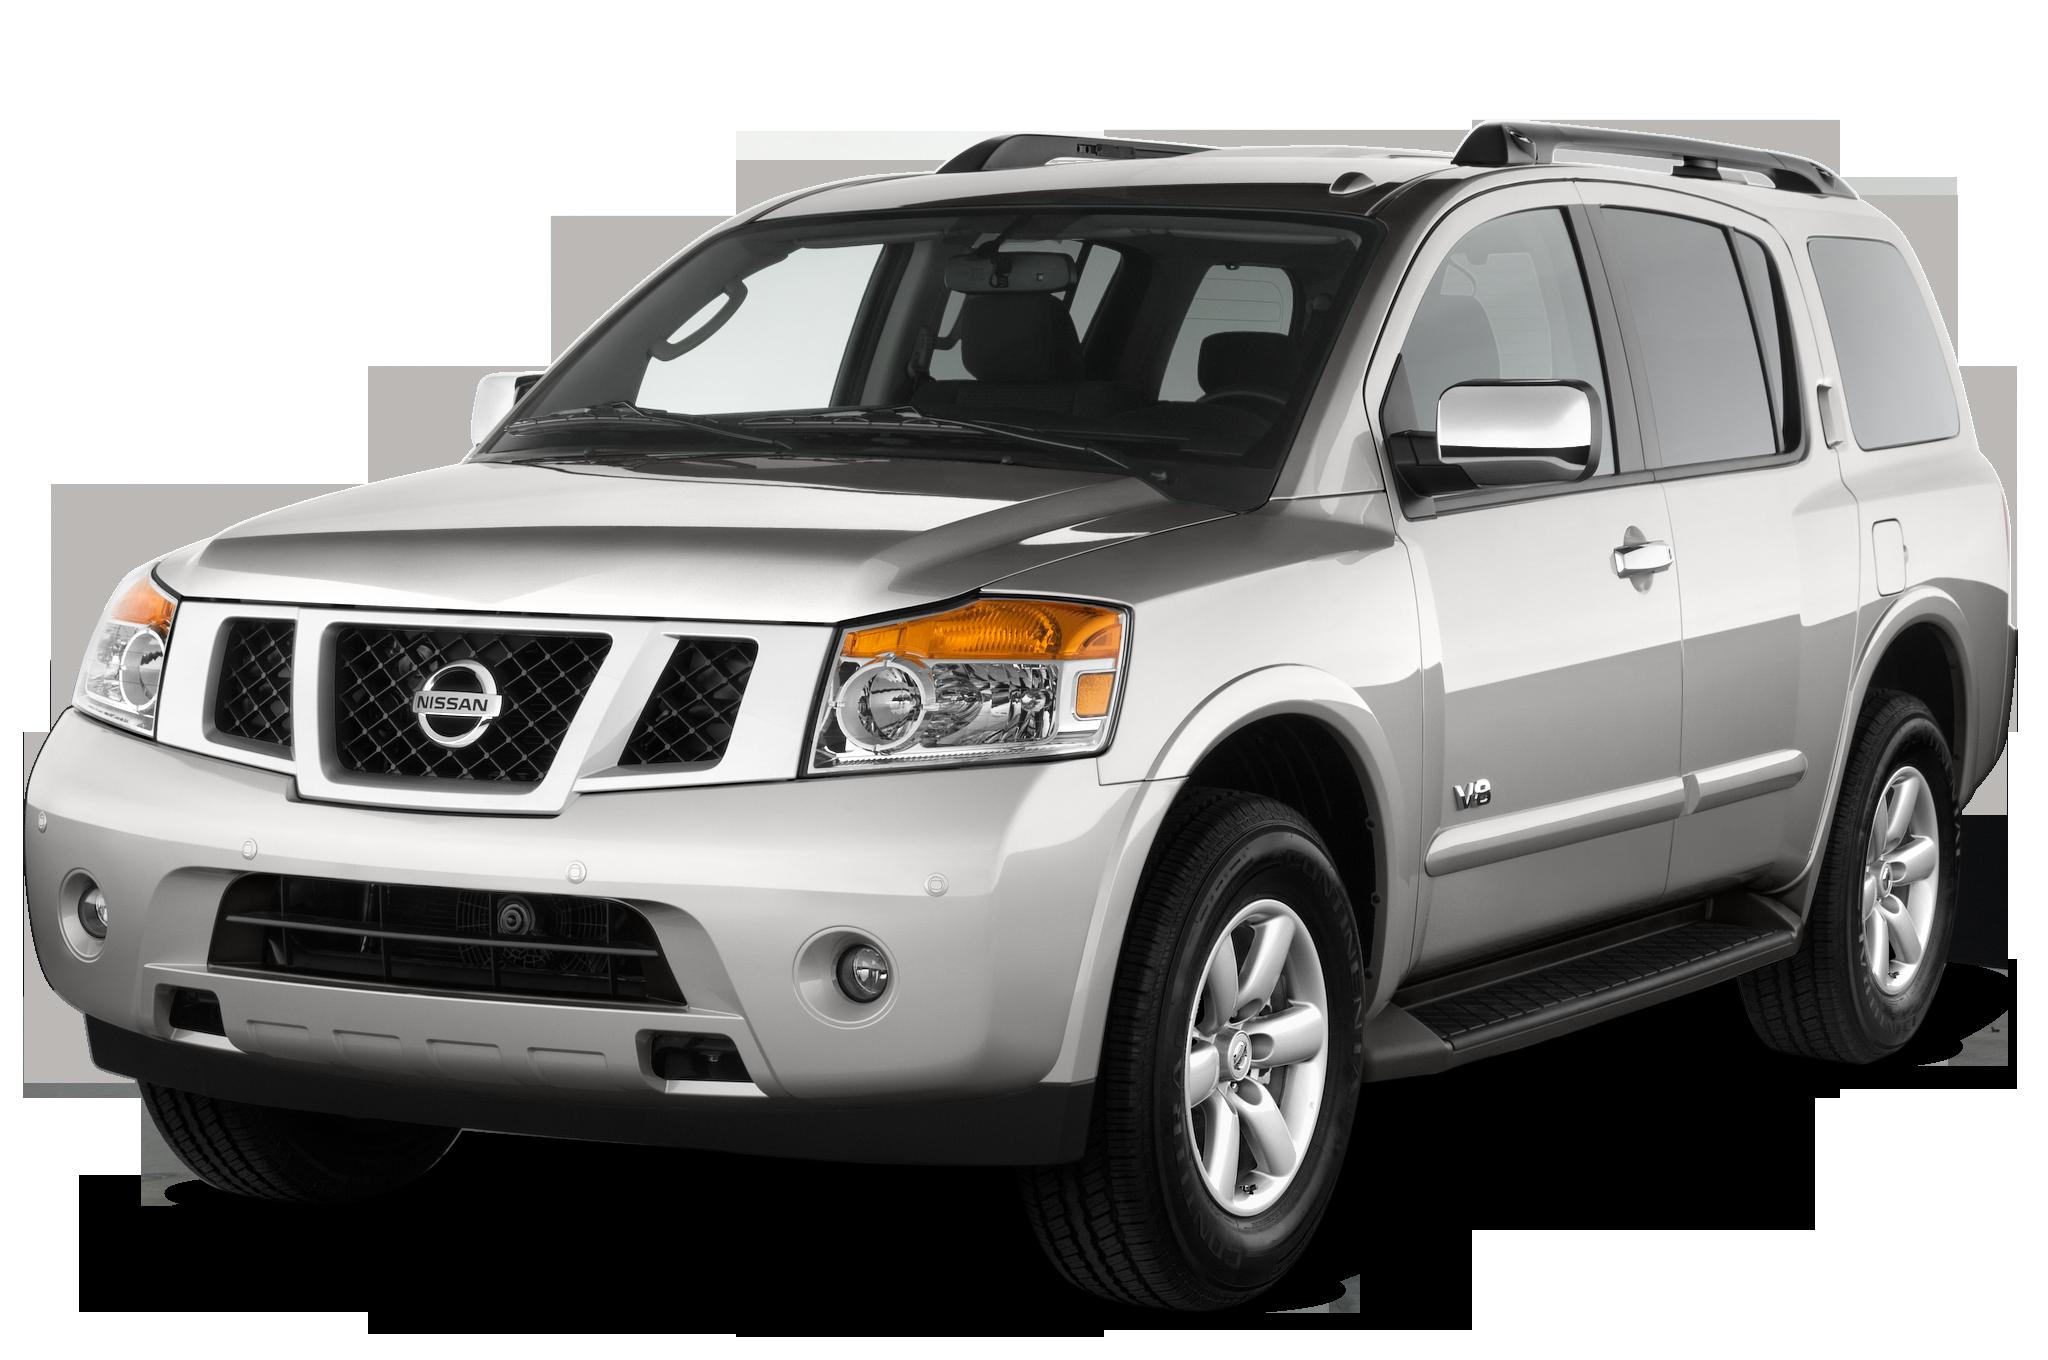 Nissan Armada I Restyling 2007 - 2016 SUV 5 door #5